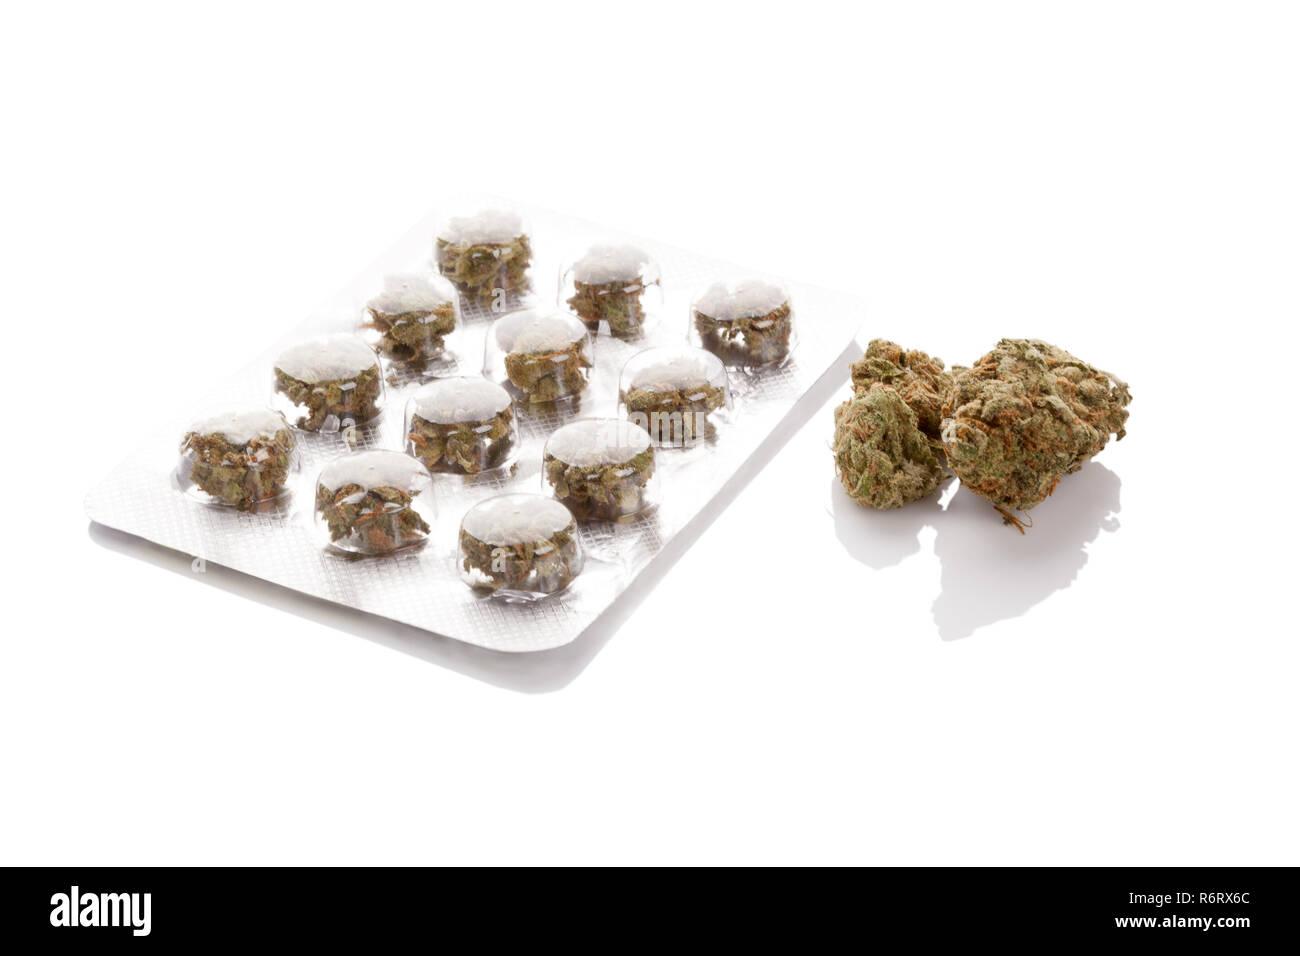 Medical Marijuana concept. - Stock Image